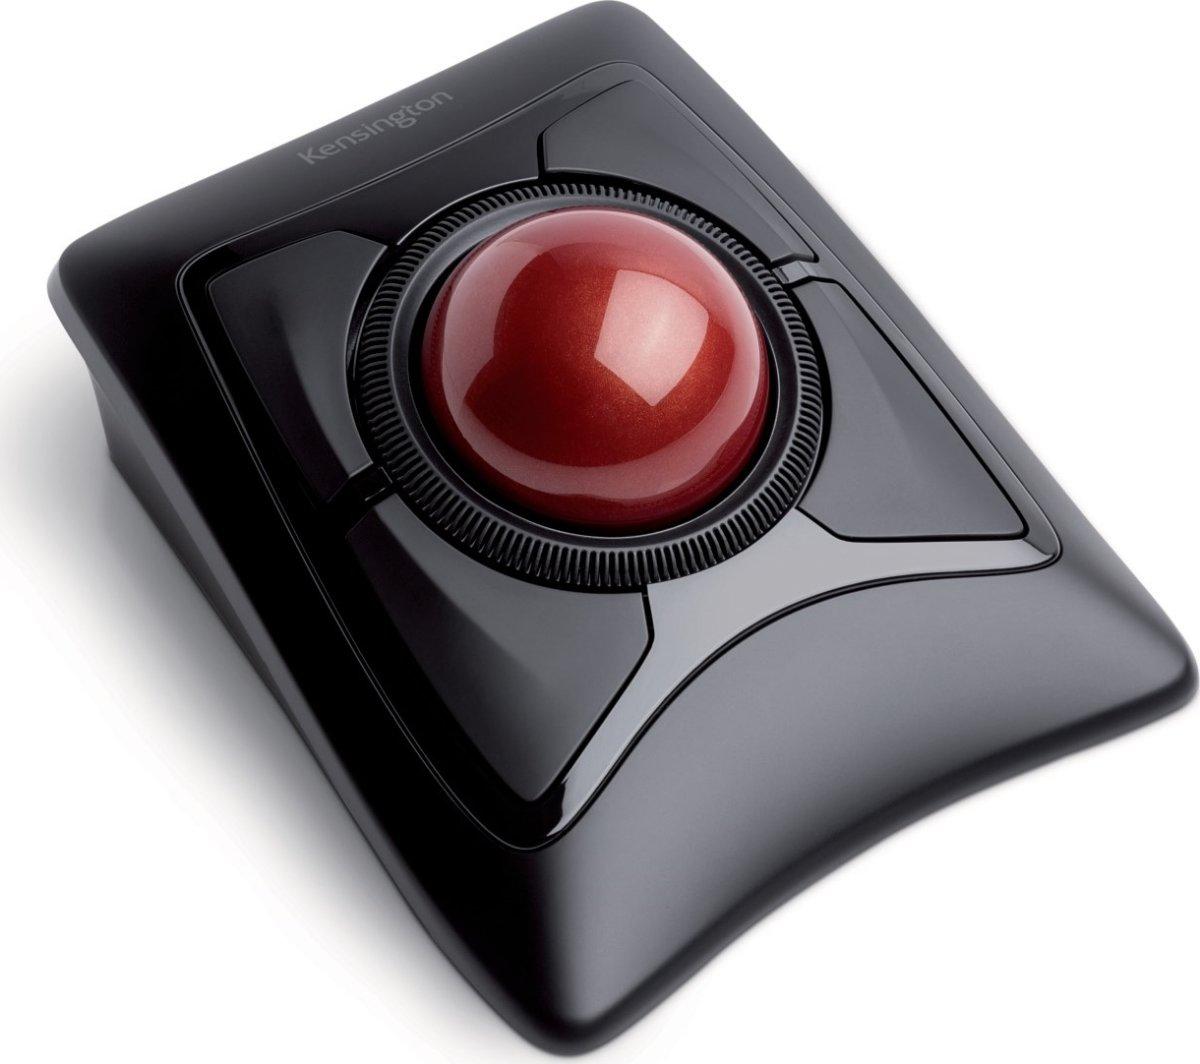 Kensington Expert trådløs trackball mus, sort